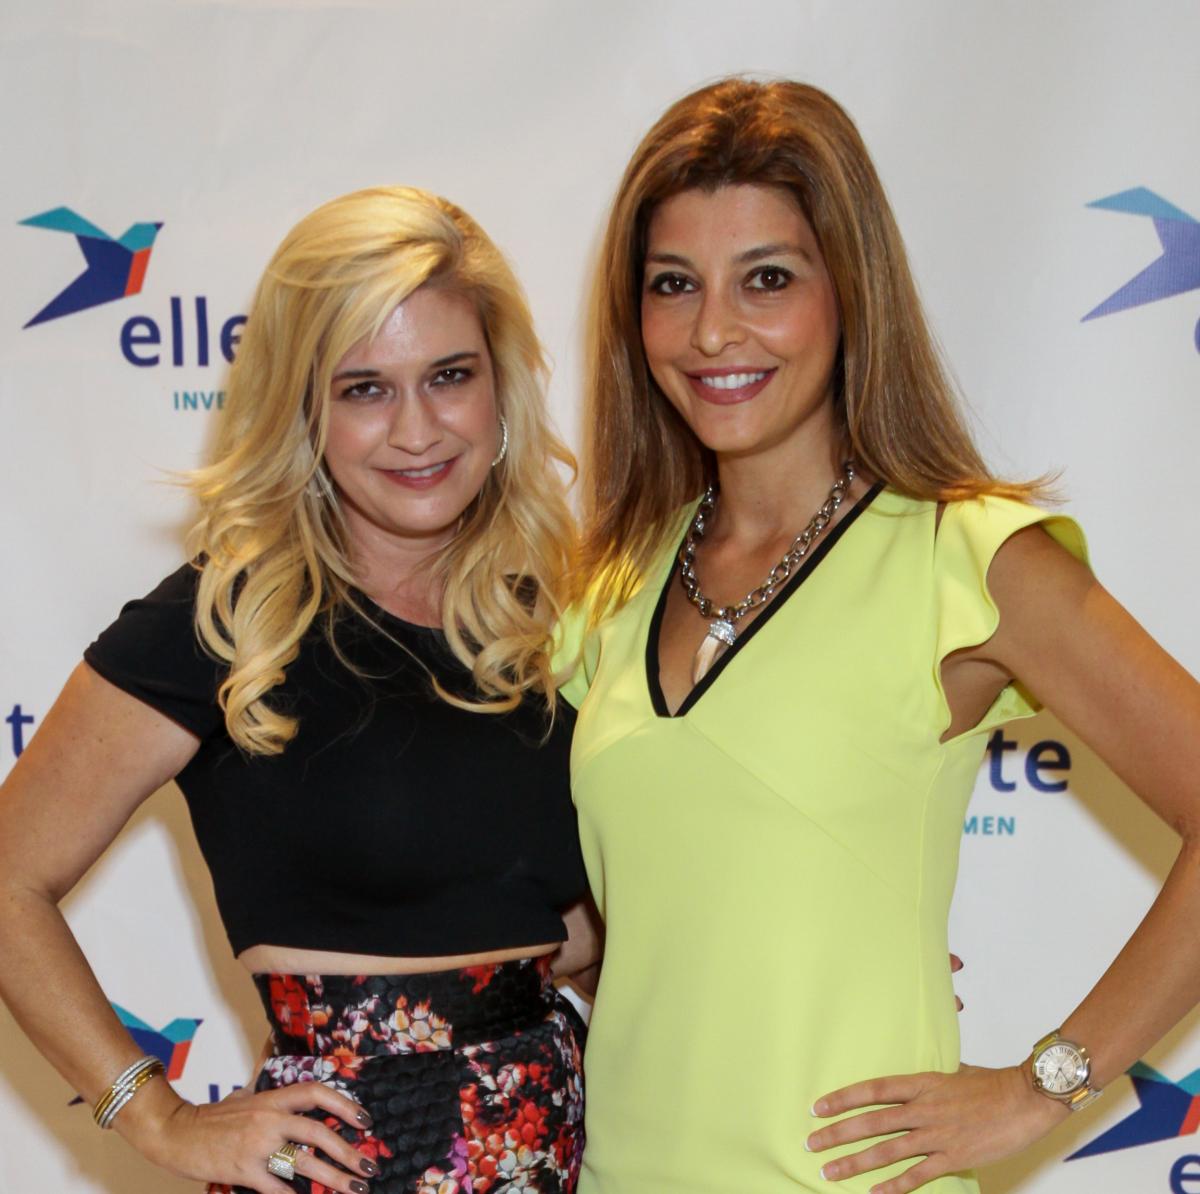 Houston, Ellevate event at Tootsies, August 2015, Tammie Anne Johnson, Rasha Nasreddin